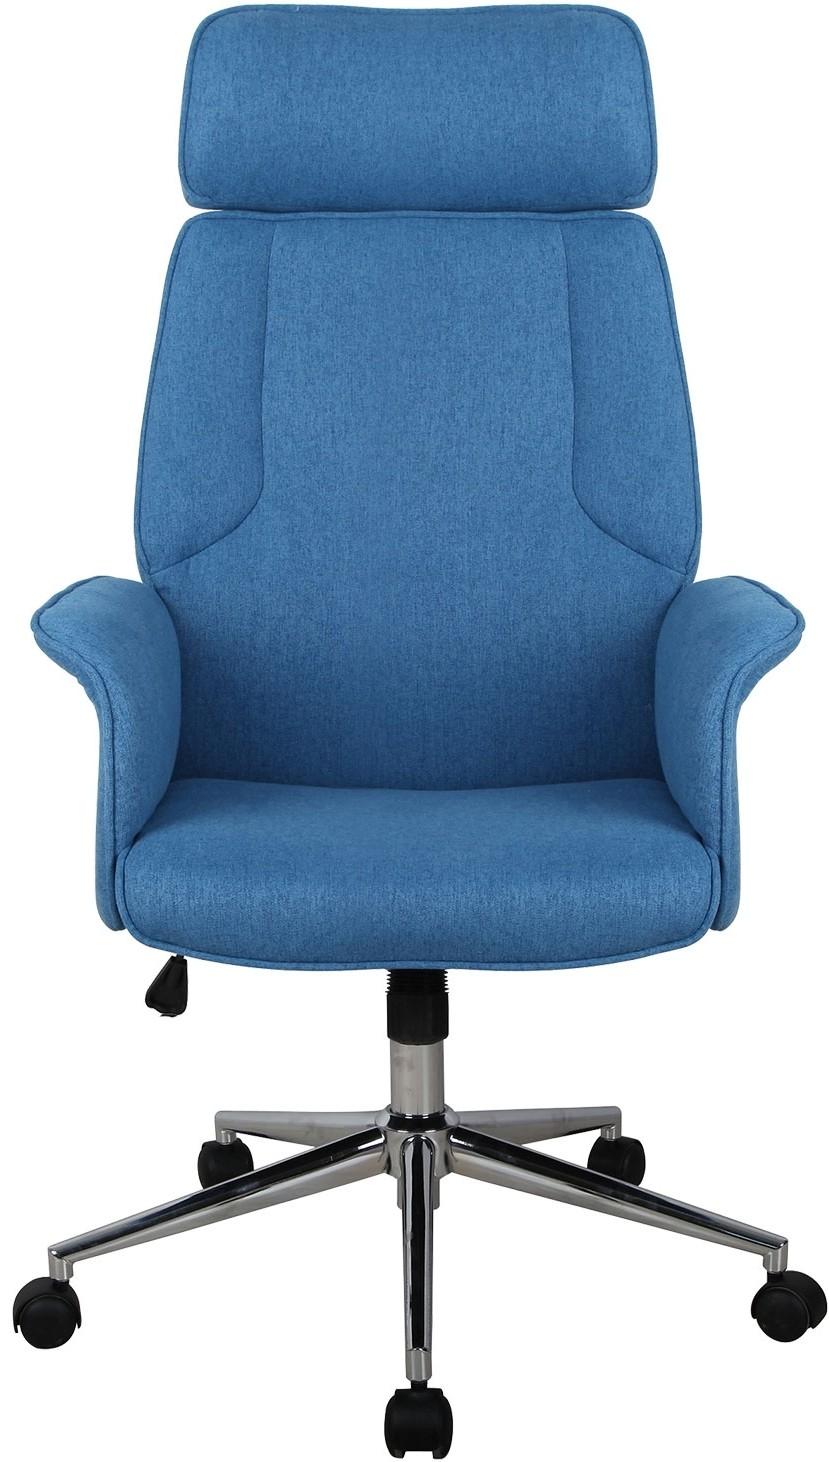 chaise de bureau bleu henri. Black Bedroom Furniture Sets. Home Design Ideas